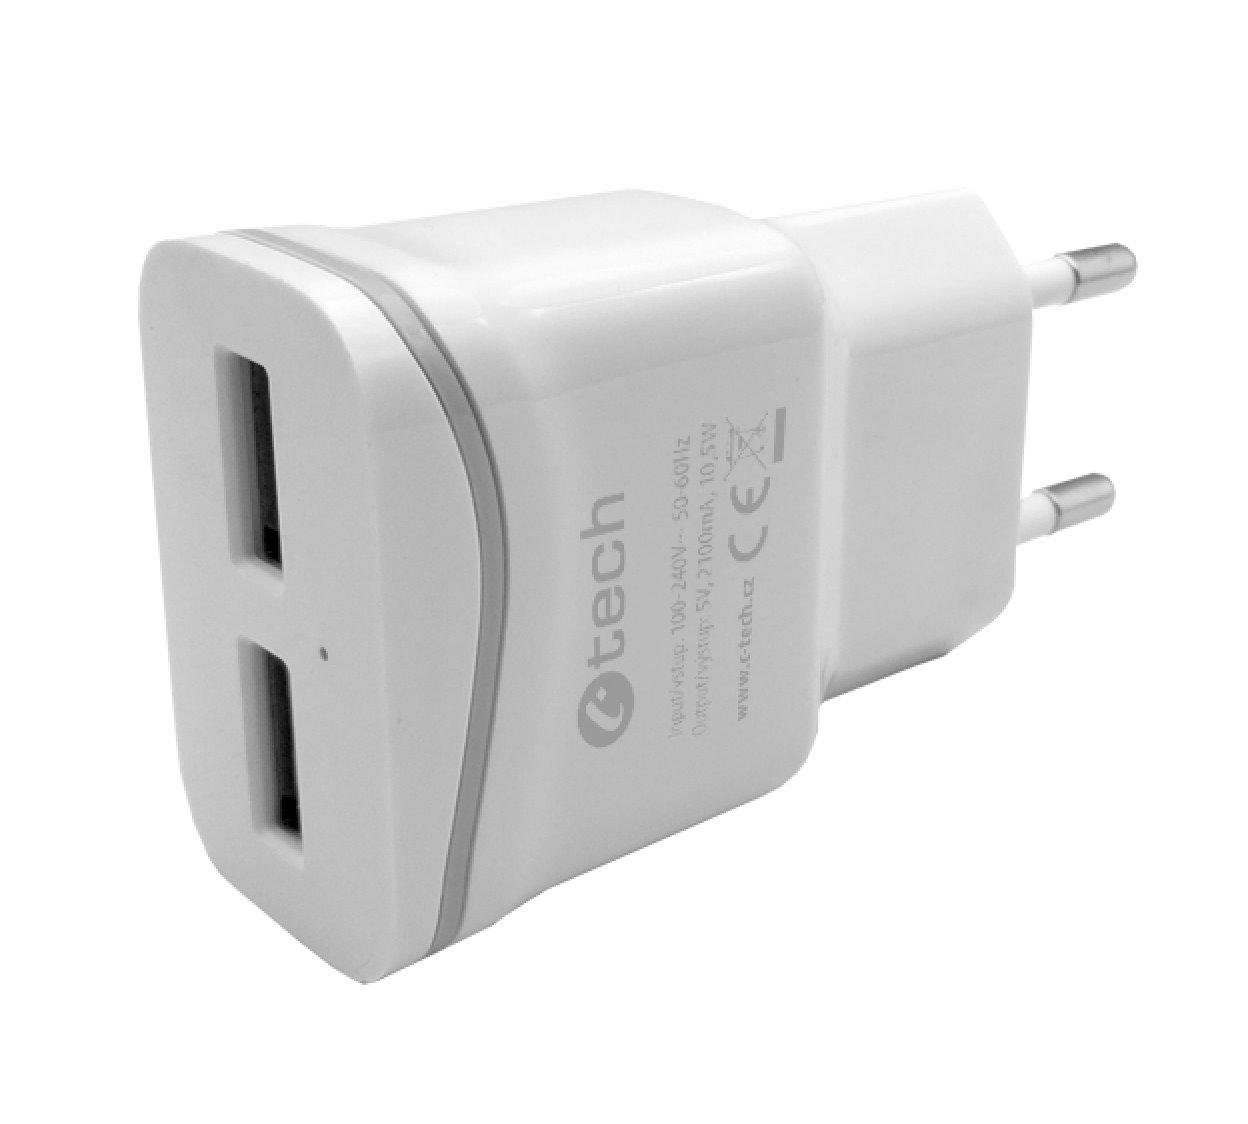 Nabíječka USB C-TECH UC-03, 2x USB, 2,1A, bílá - UC-03W